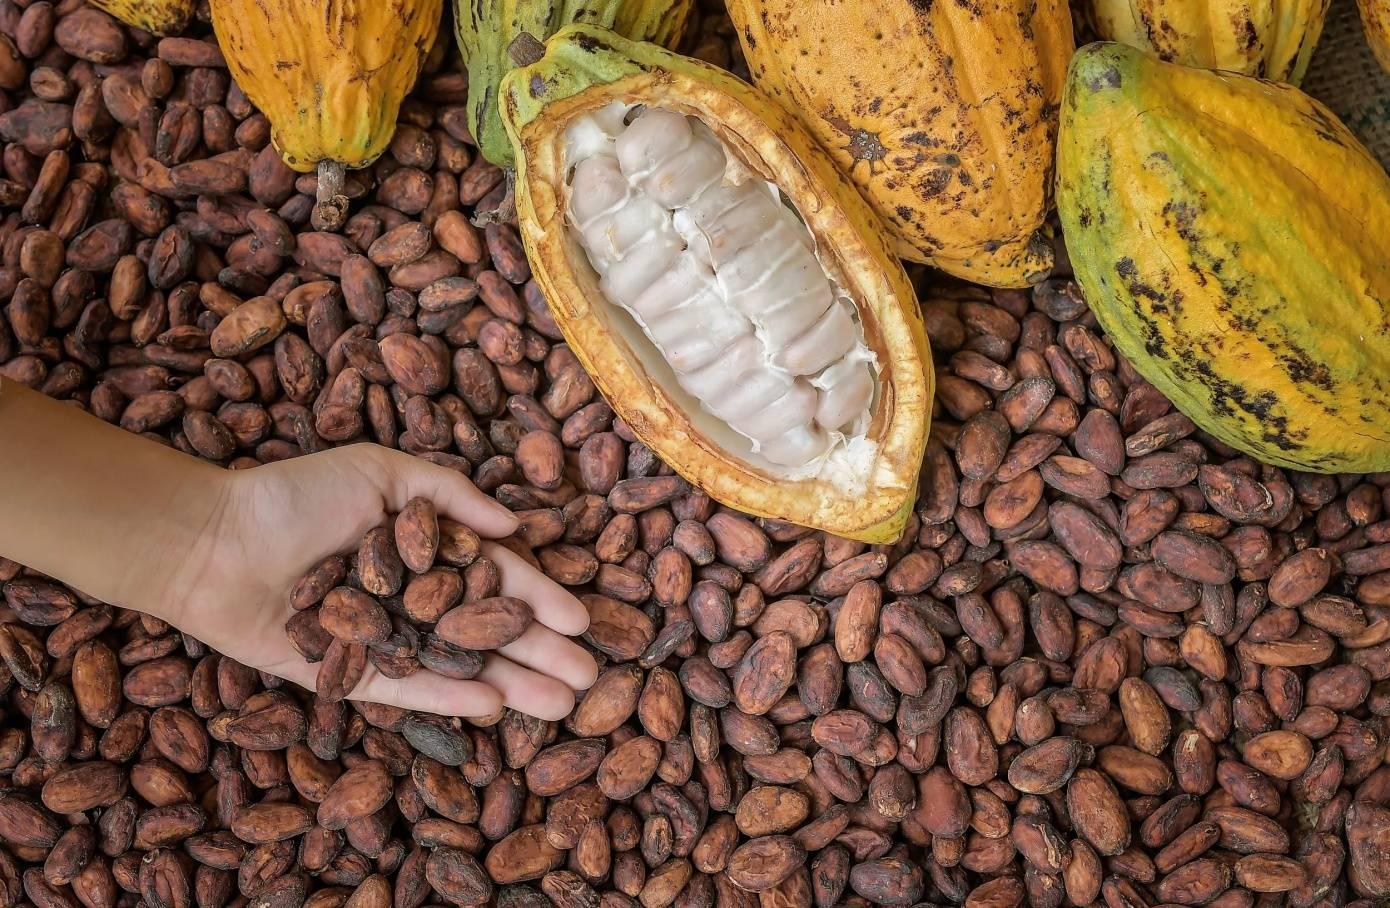 Шоколадное дерево какао: фото и описание растения, условия выращивания какао-плодов в домашних условиях